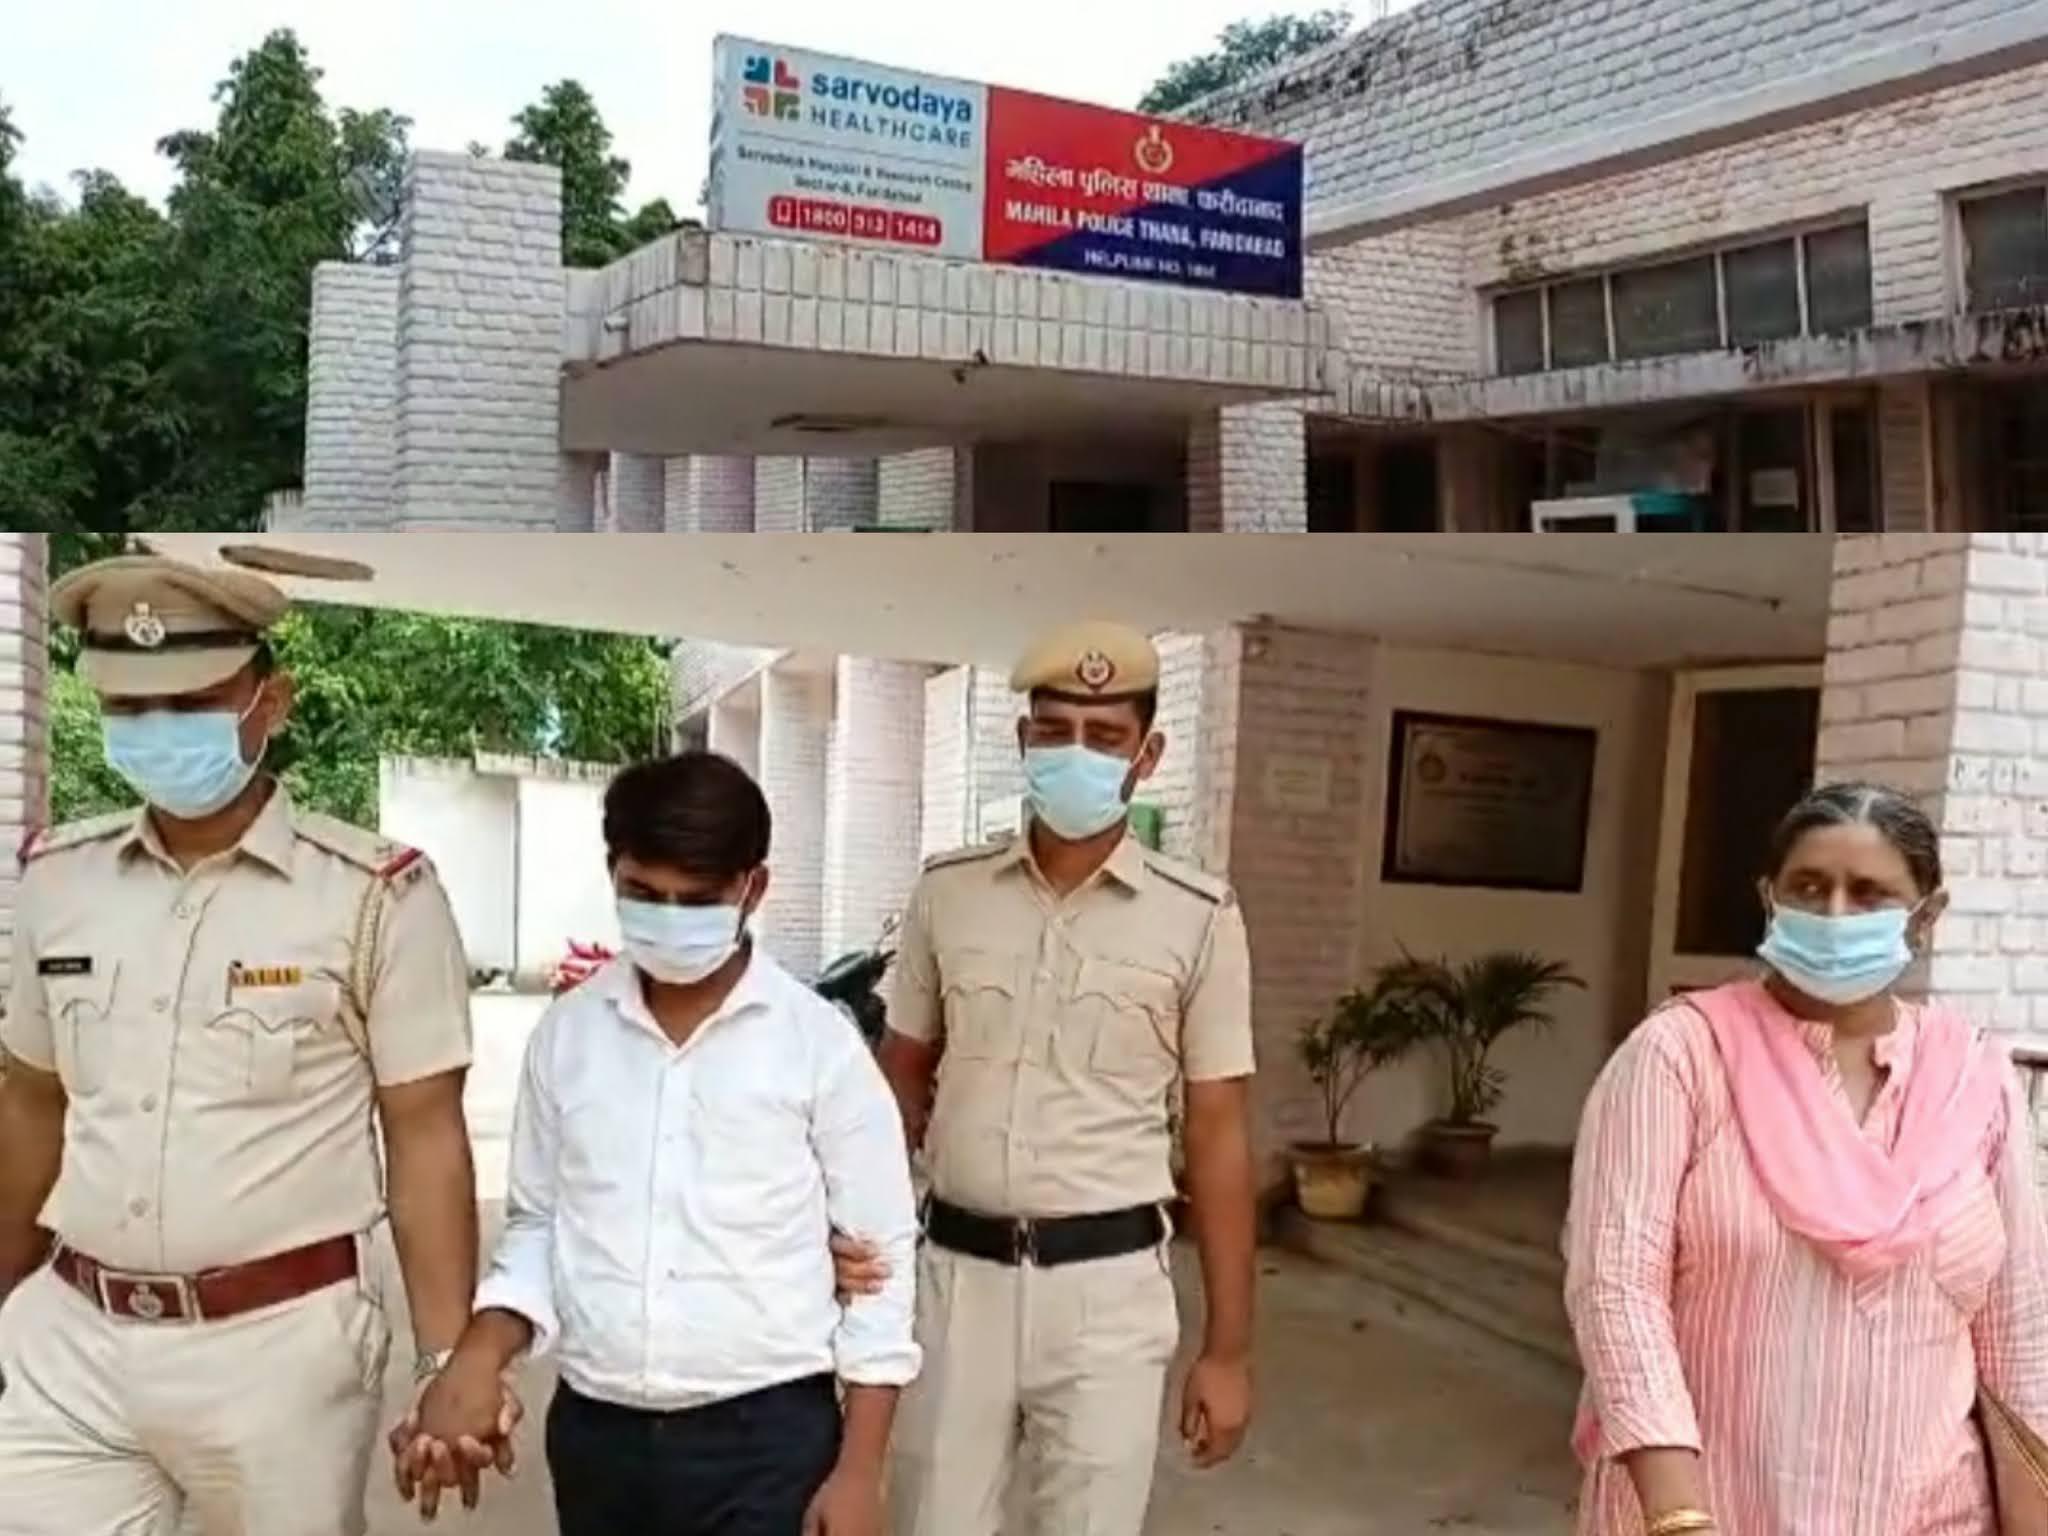 rape-accused-qrg-hospital-staff